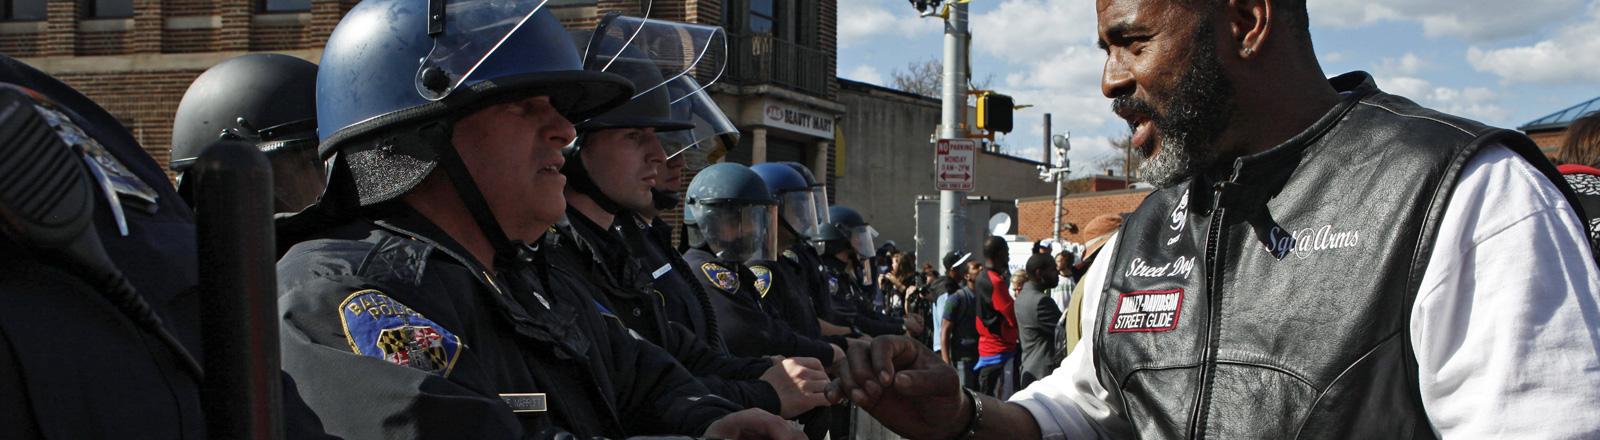 Ein Mann steht vor einer Reihe Polizisten und redet mit einem der Polizisten, Baltimore nach den Krawallen; Bild: dpa